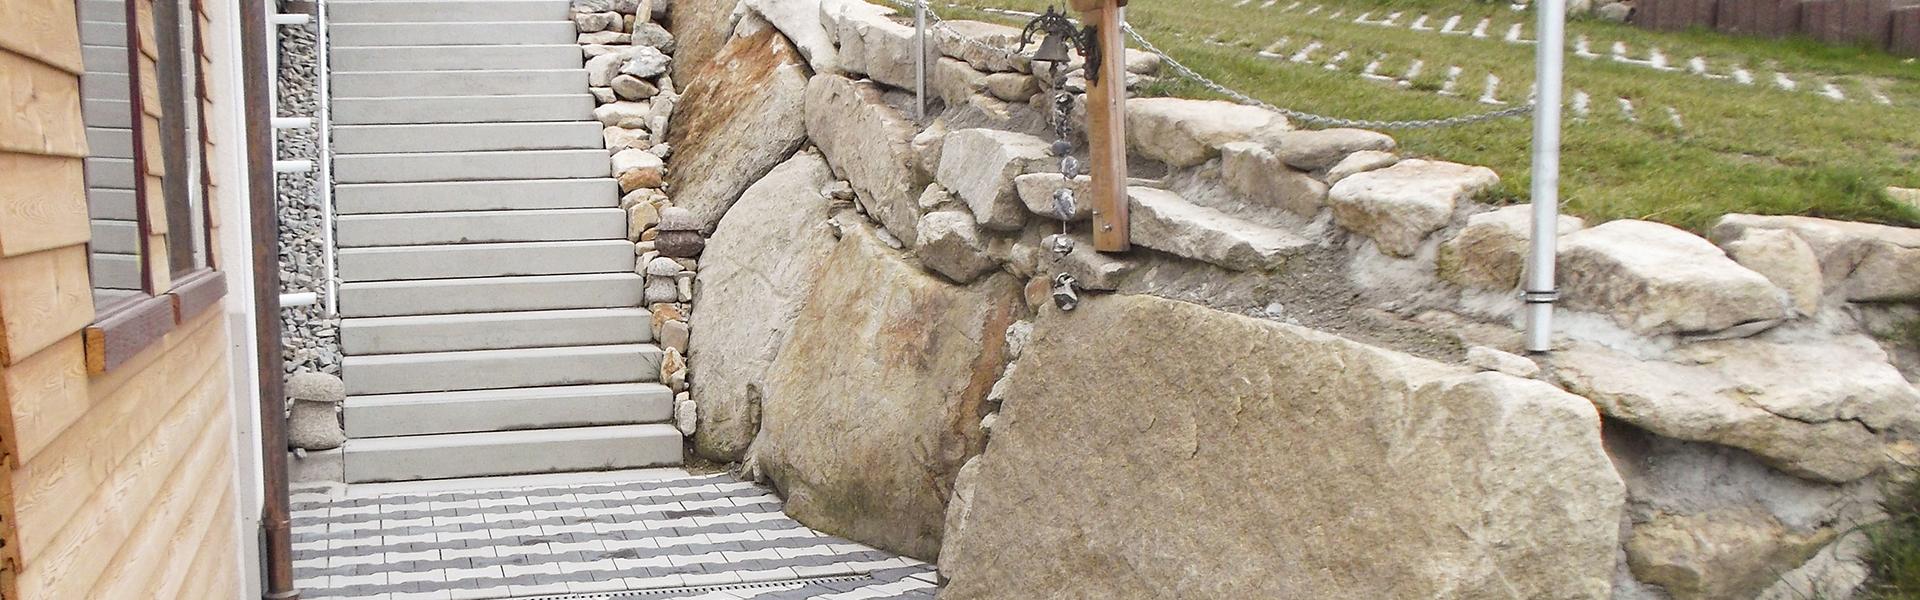 Garten- und Landschaftsbau - Betontreppe, Natursteinmauer, Pflaster